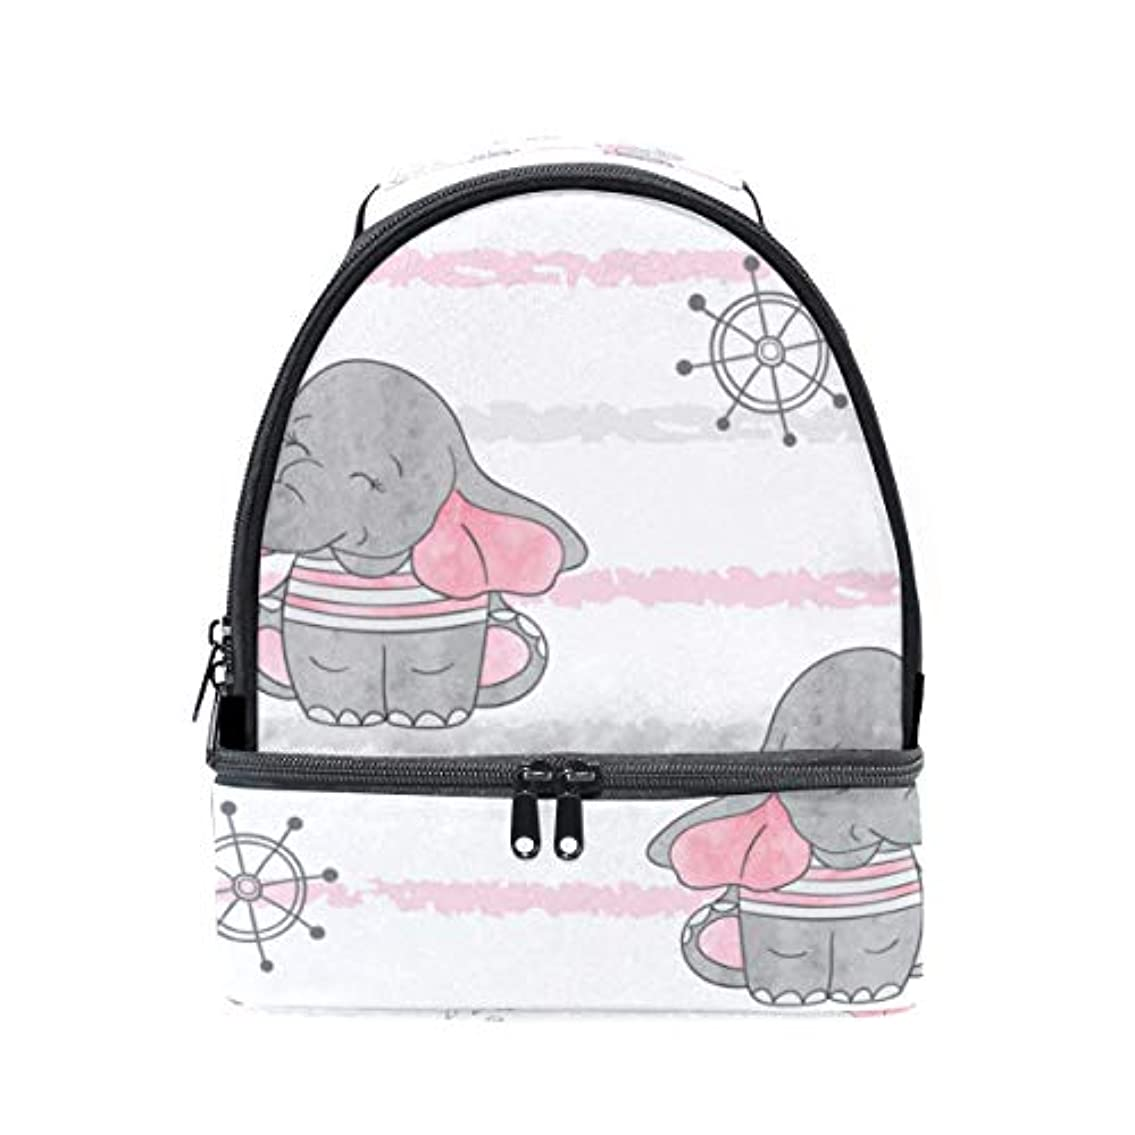 イタリックボススリム旅人 ランチバッグ ダブルデザイン 手提げ 弁当袋 象柄 可愛い 冷蔵ボックス キャンプ用品 保冷 保温 学生 通勤族用